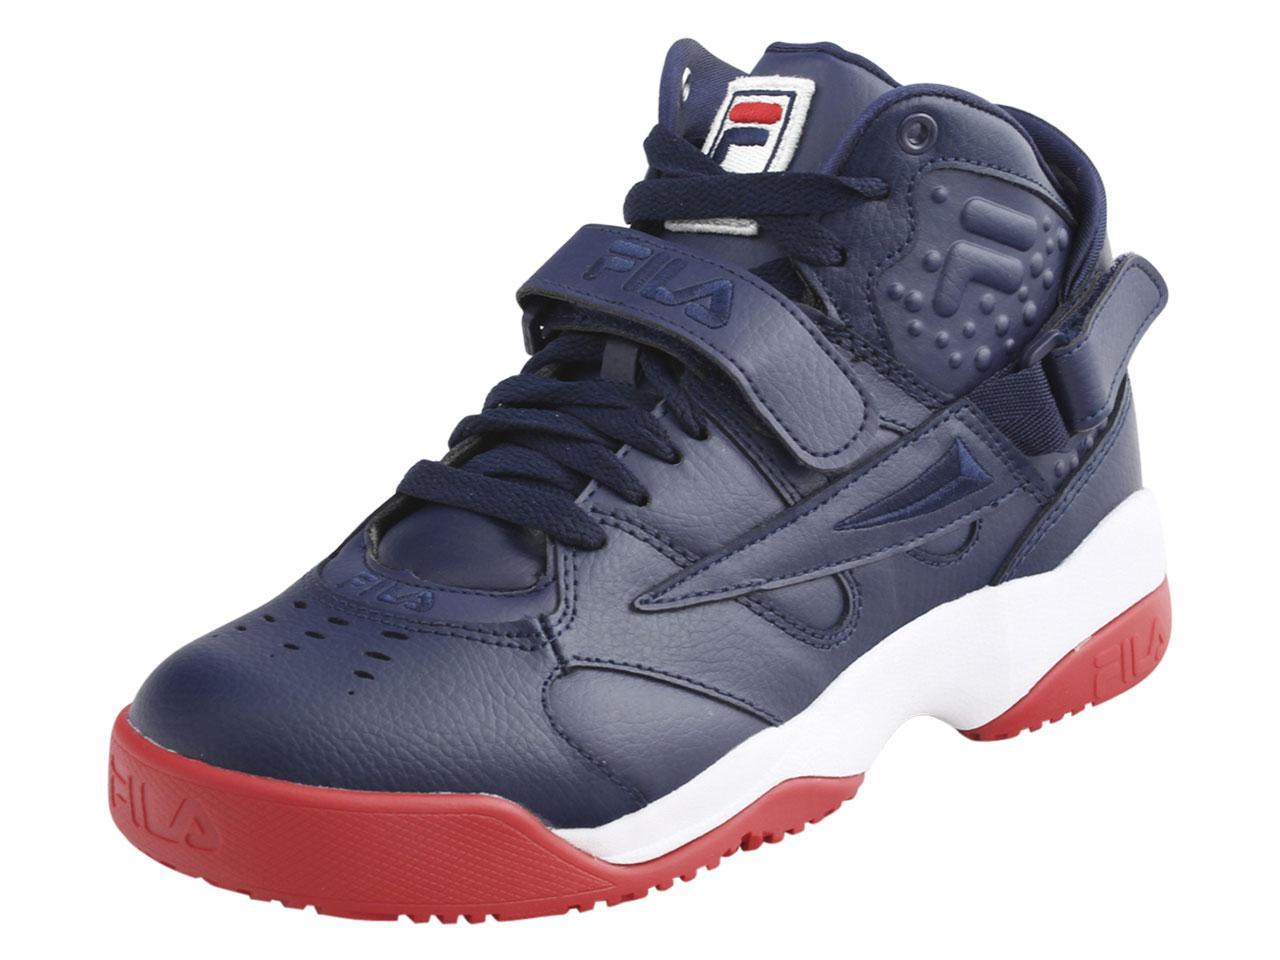 b470874d Fila Men's Spoiler High-Top Sneakers Shoes